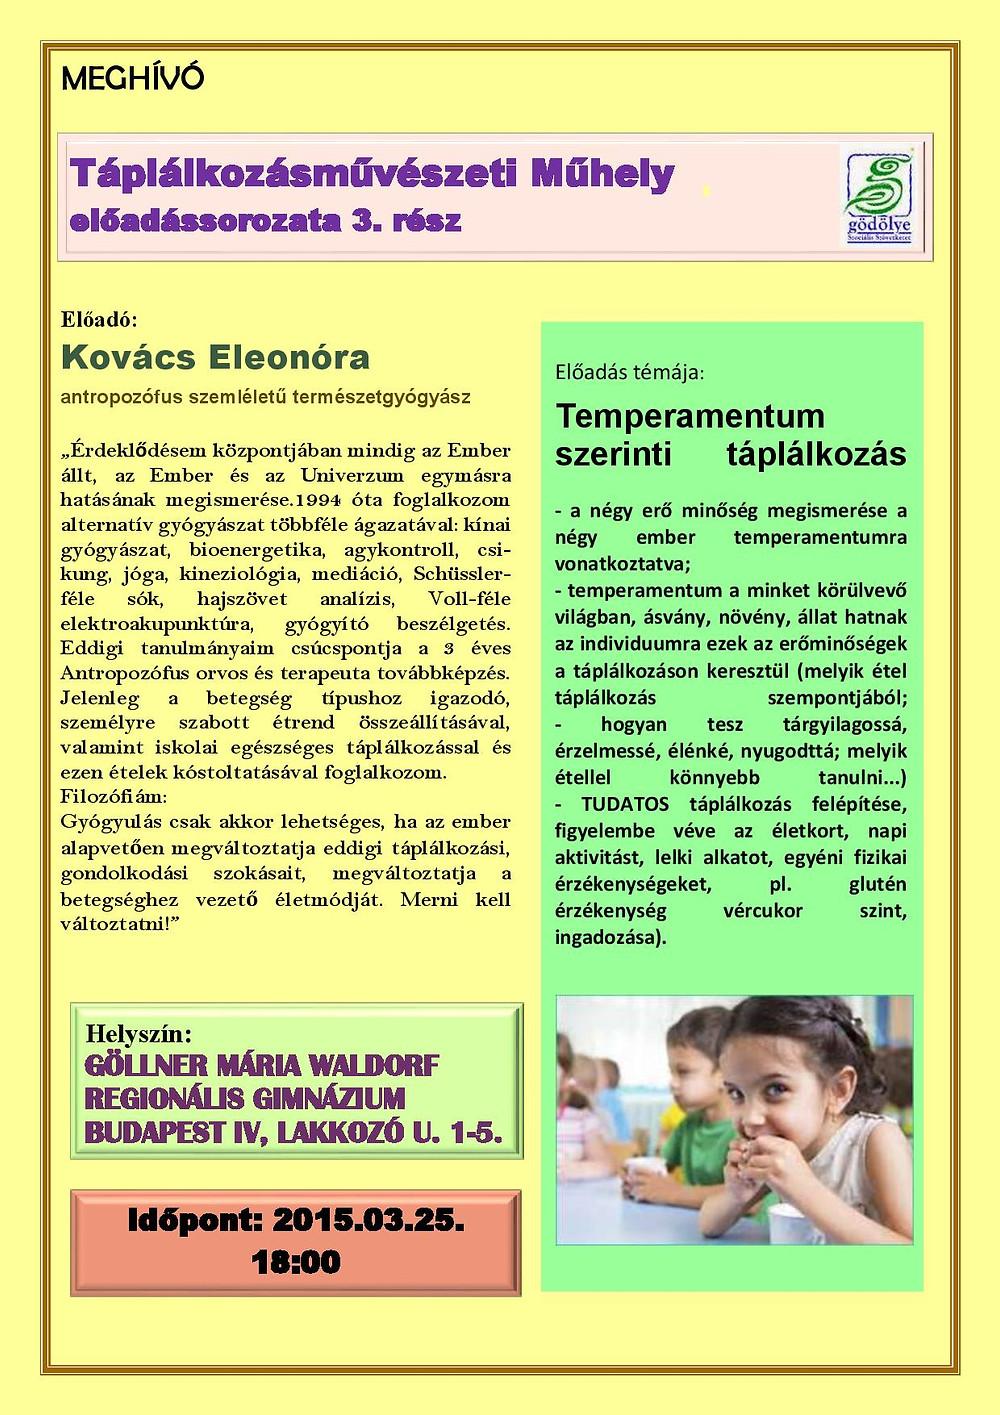 TMM_Kovács_Eleonóra.jpg